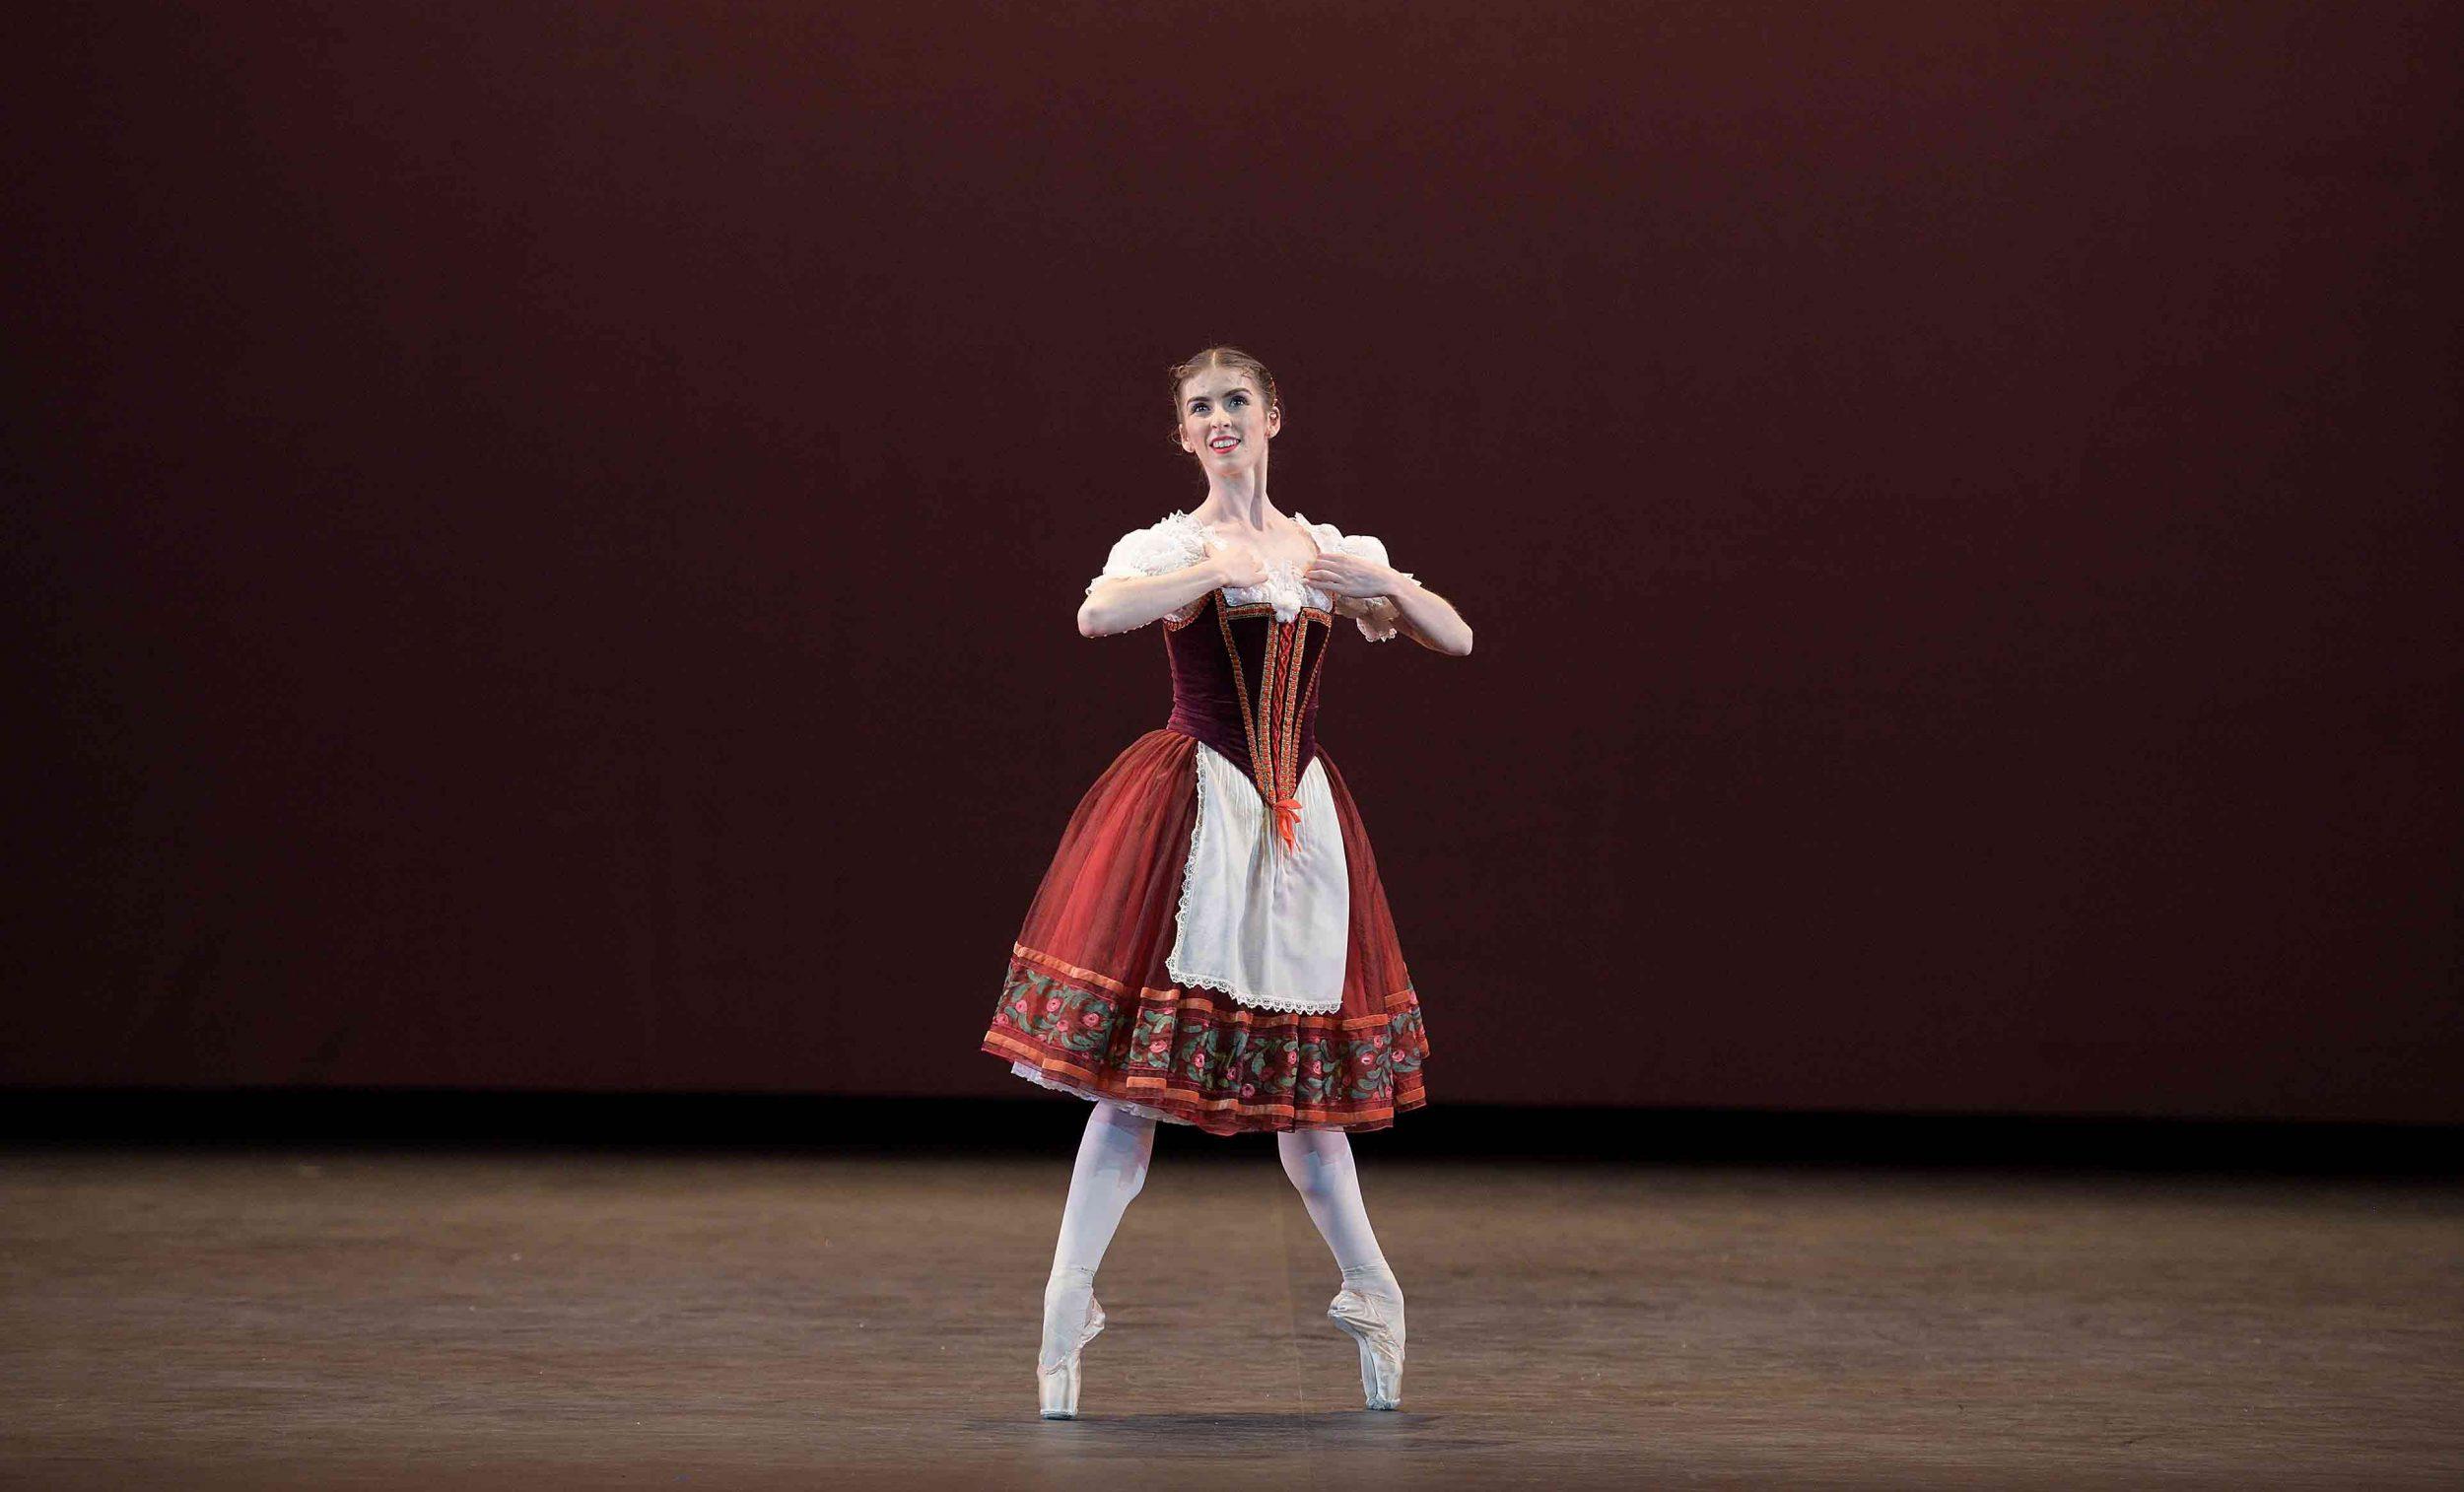 Connie-Vowles-performing-William-Tell-©-Laurent-Liotardo--(2)